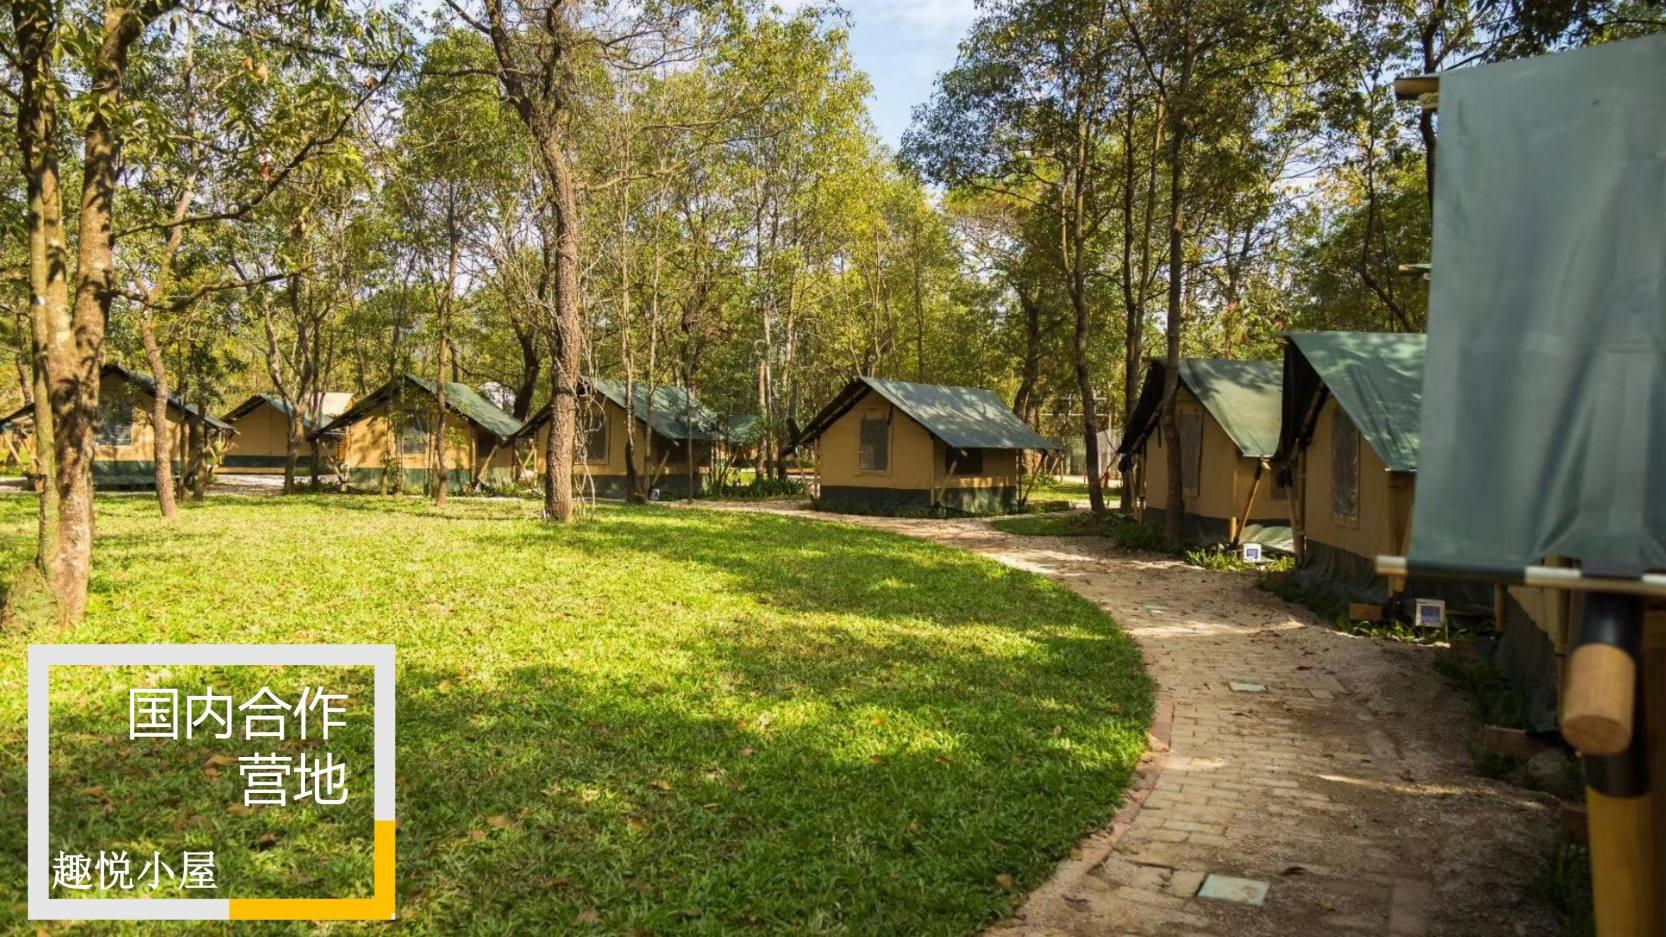 喜马拉雅野奢帐篷 (21)